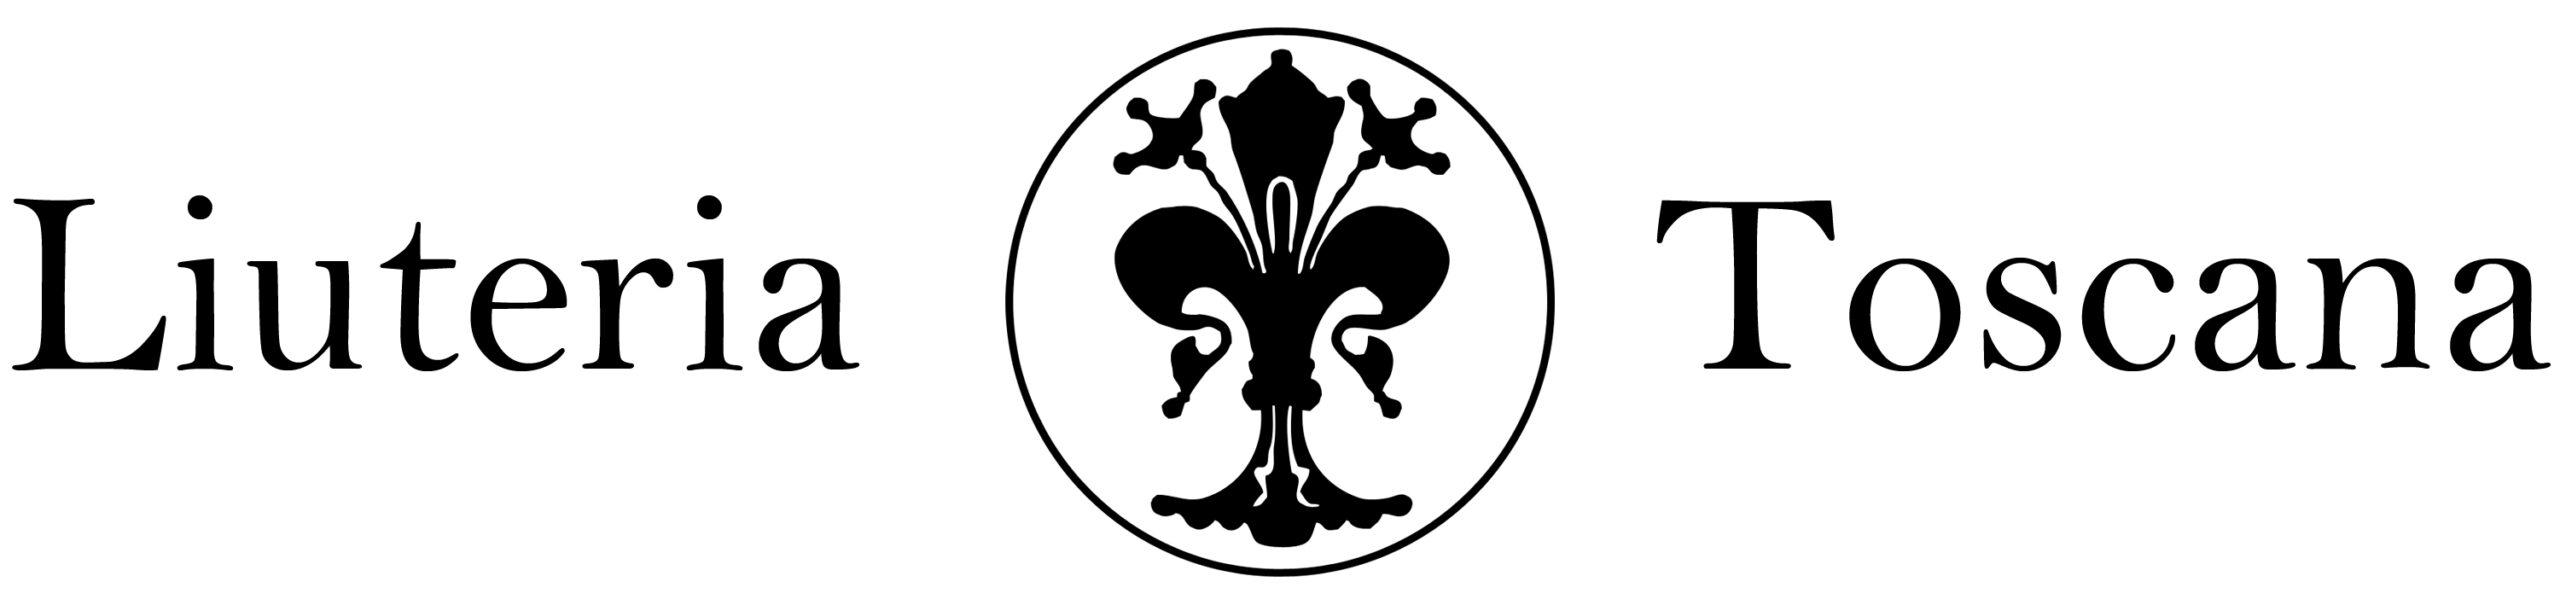 Liuteria Toscana